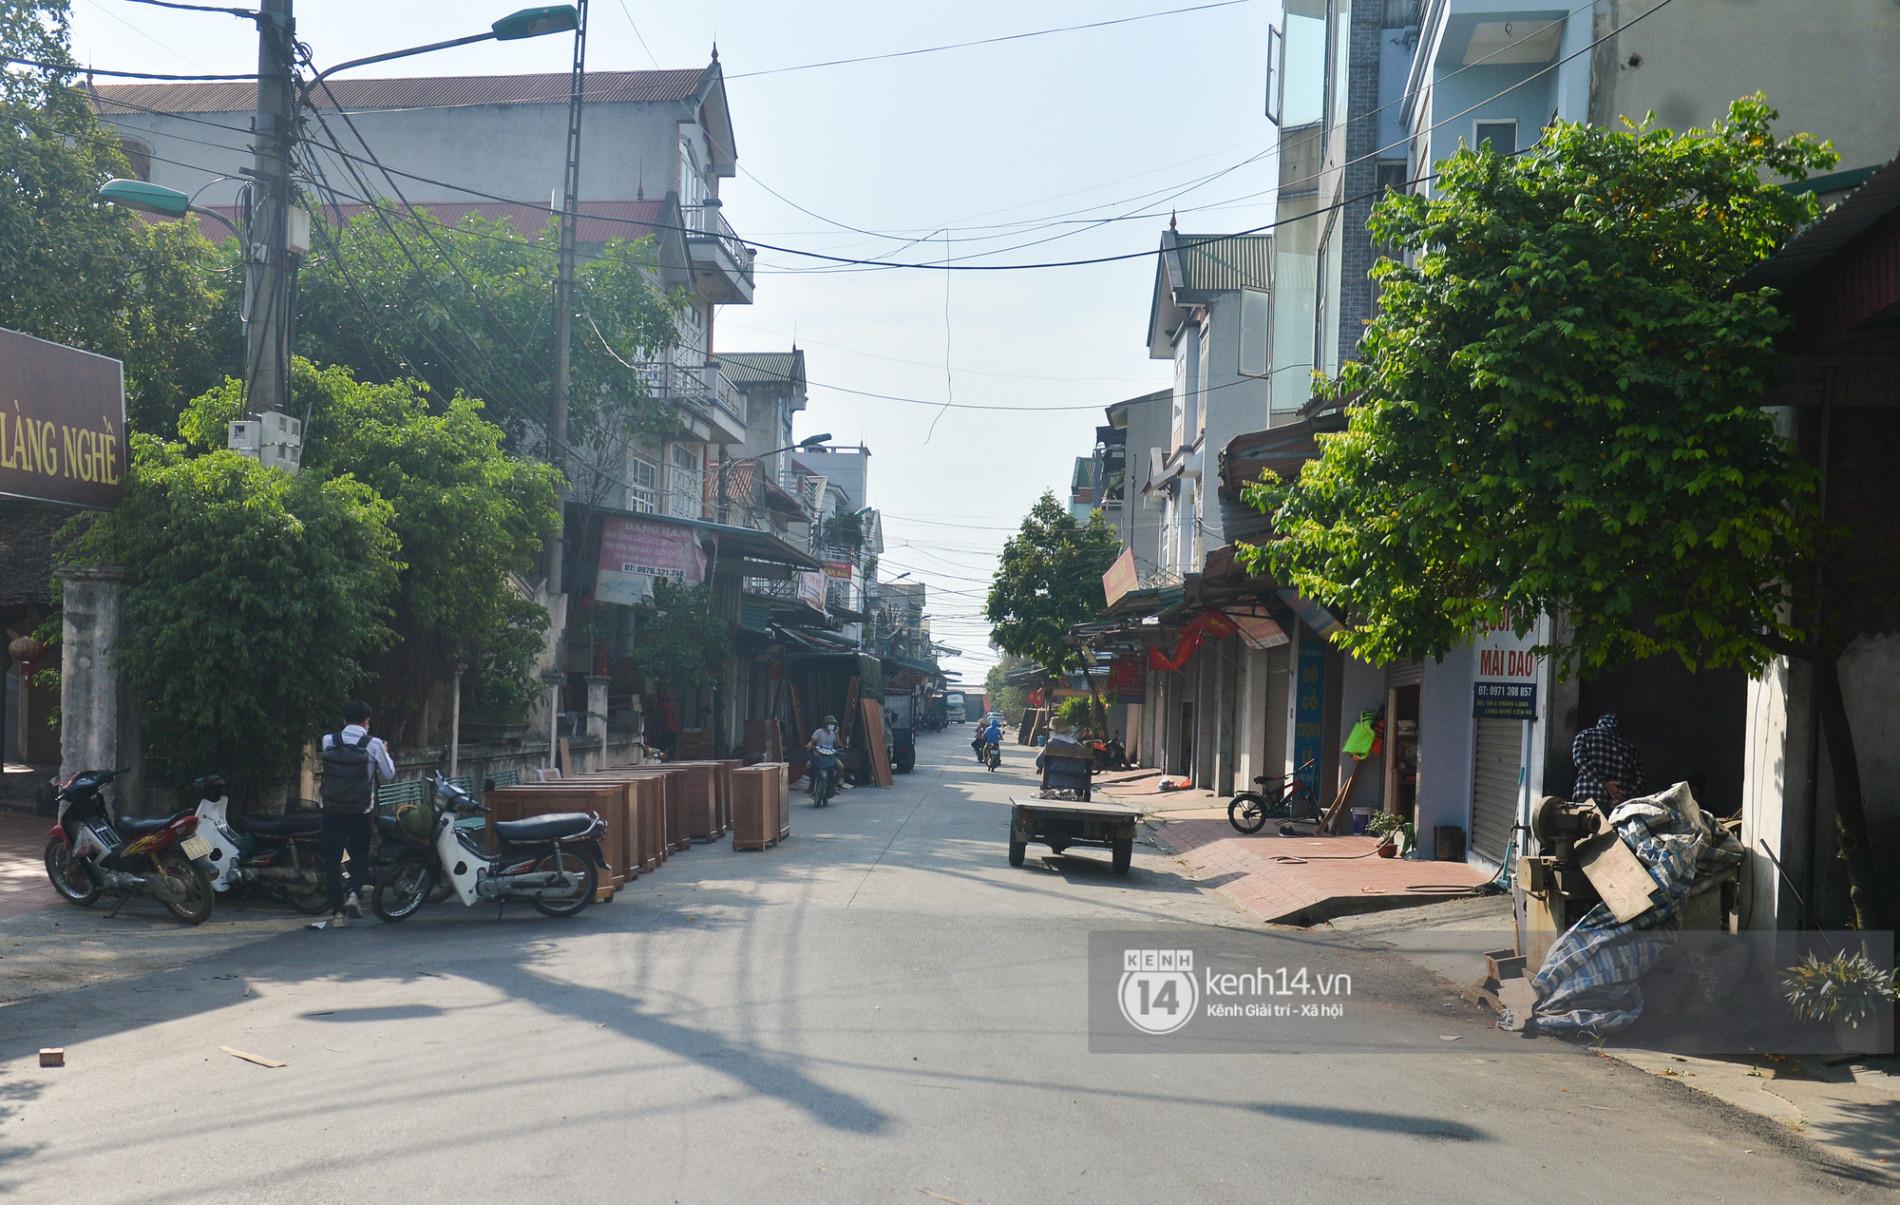 Vụ Hoài Linh bị tố nợ tiền gỗ xây dựng nhà thờ tổ: Người làng nghề mộc Liên Hà lên tiếng, chính quyền xã khẳng định cứng - Ảnh 5.